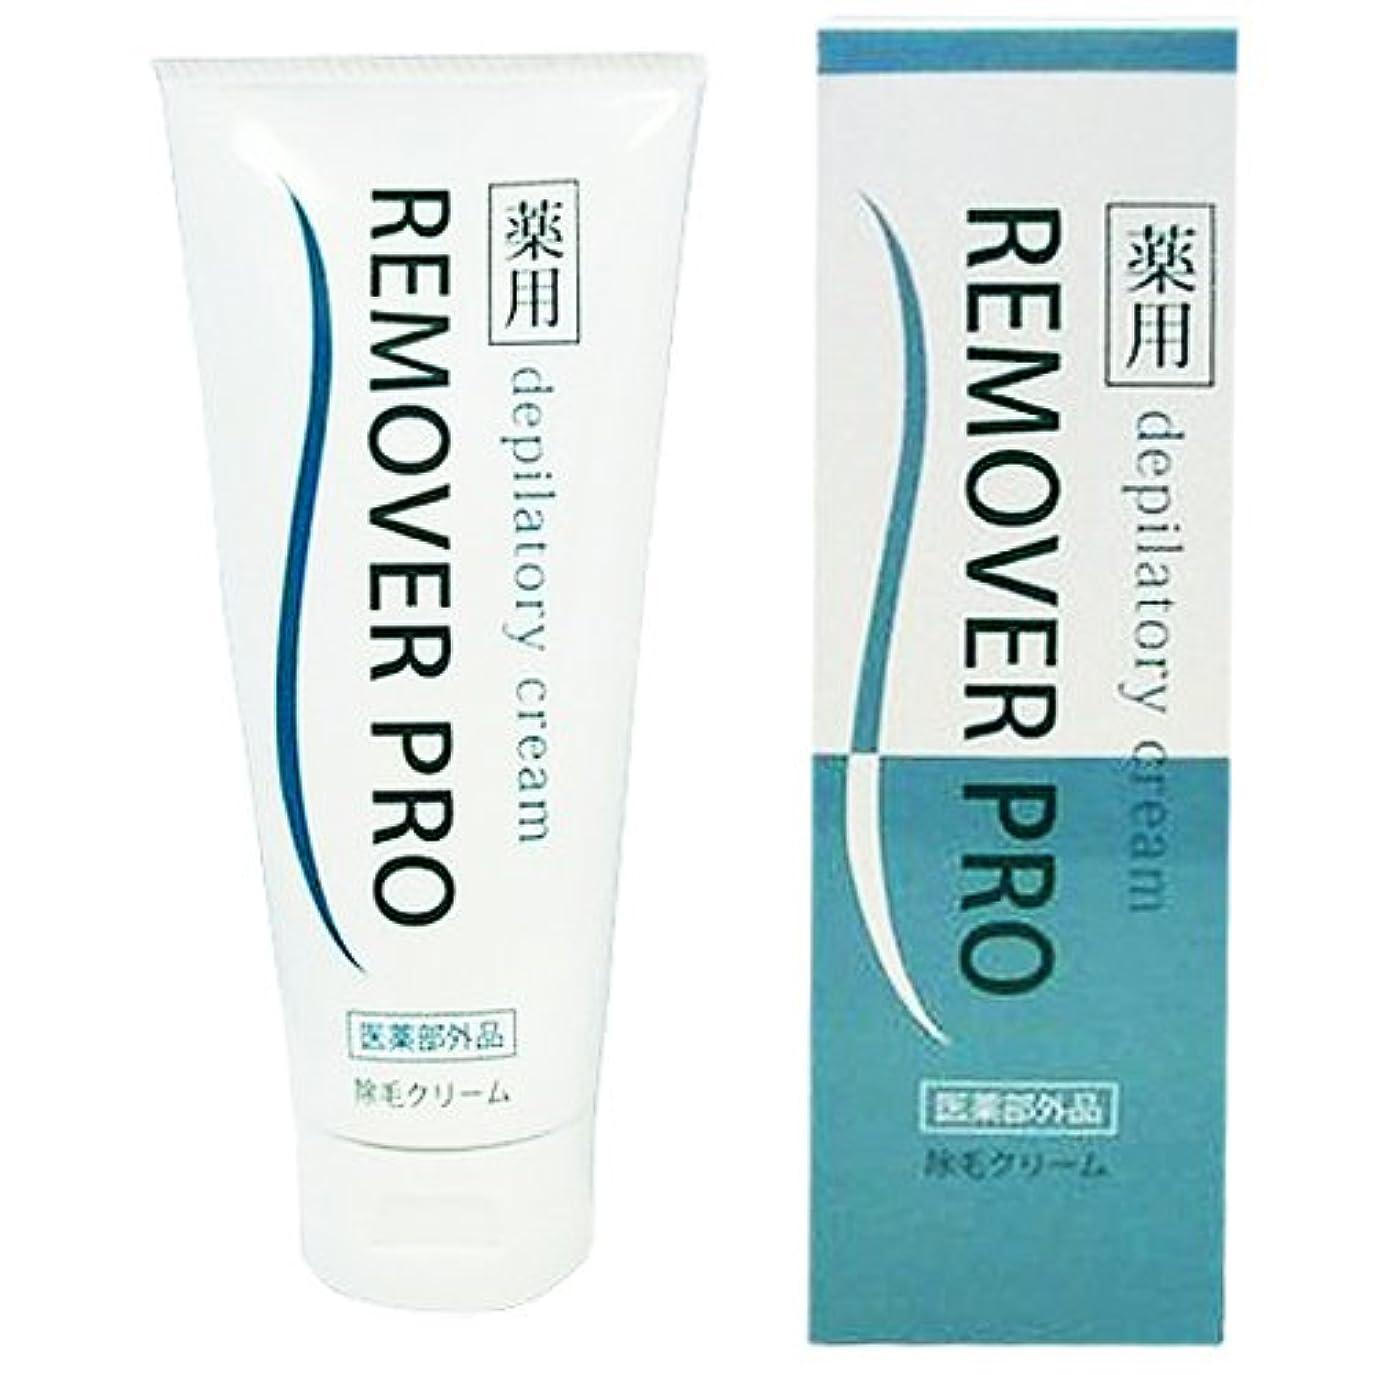 ゆりかご消費文明化する薬用除毛クリーム REMOVER PRO (医薬部外品)